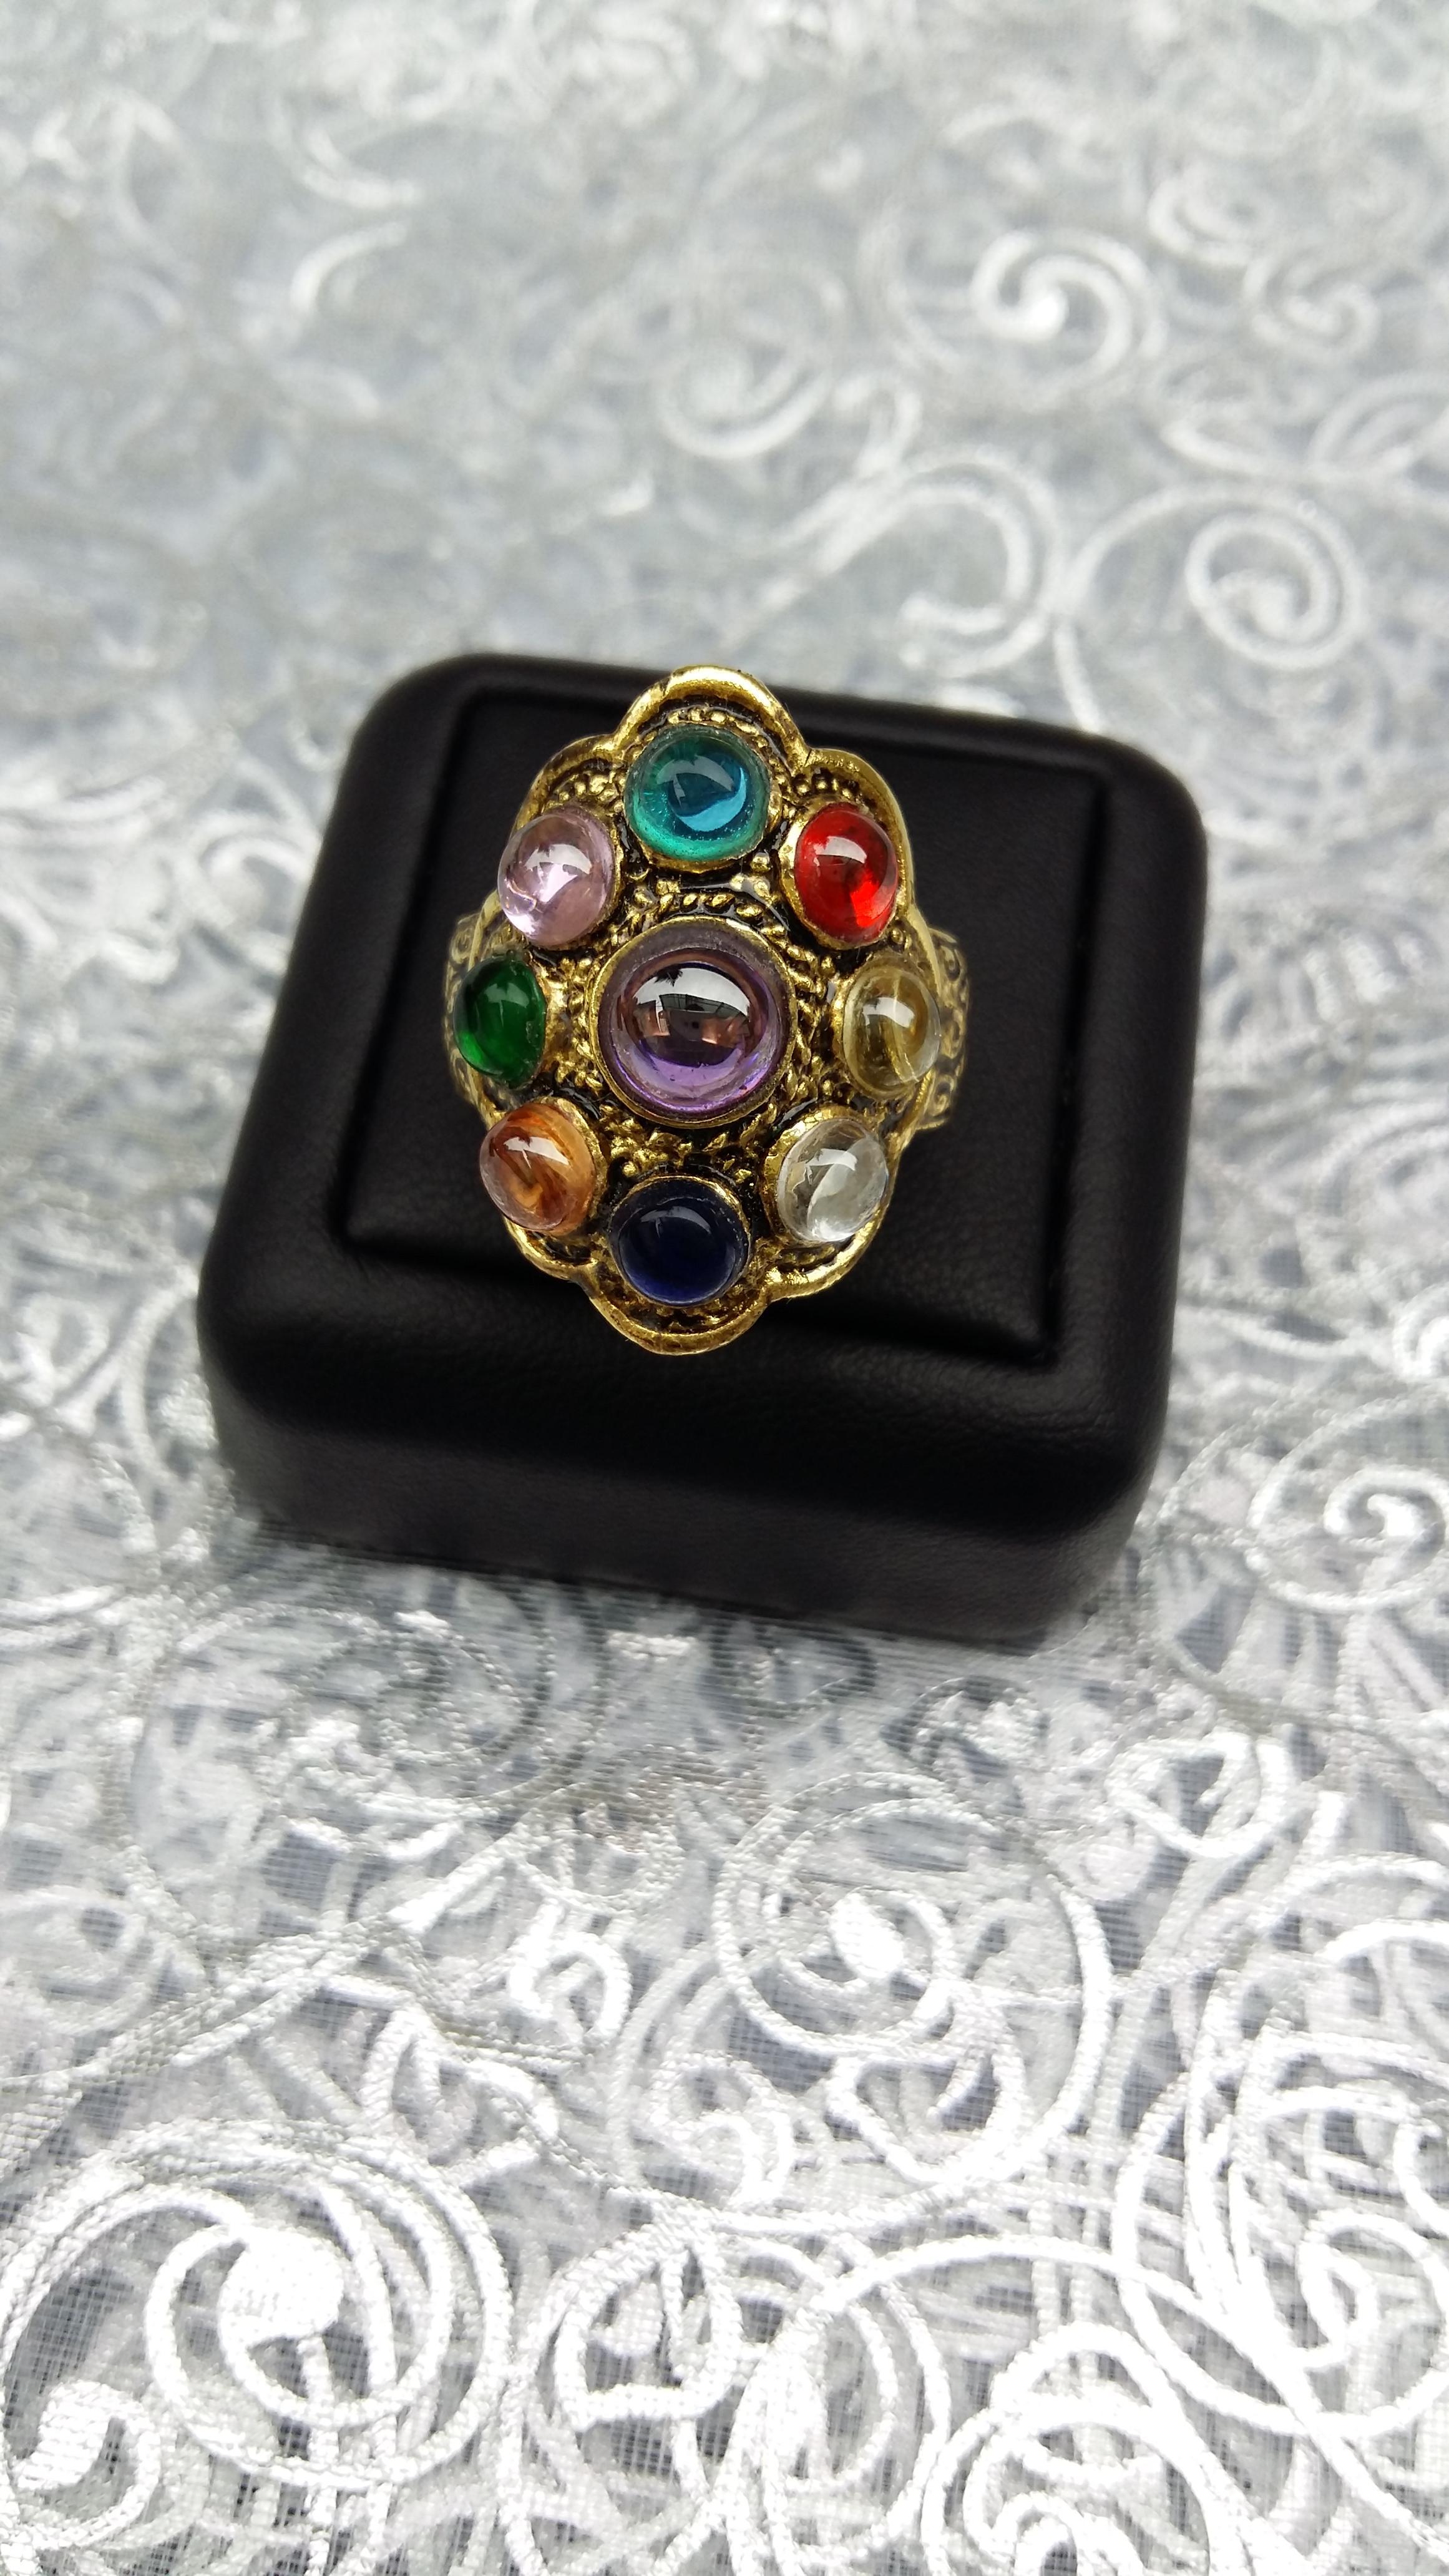 แหวนนพเก้าถมทอง